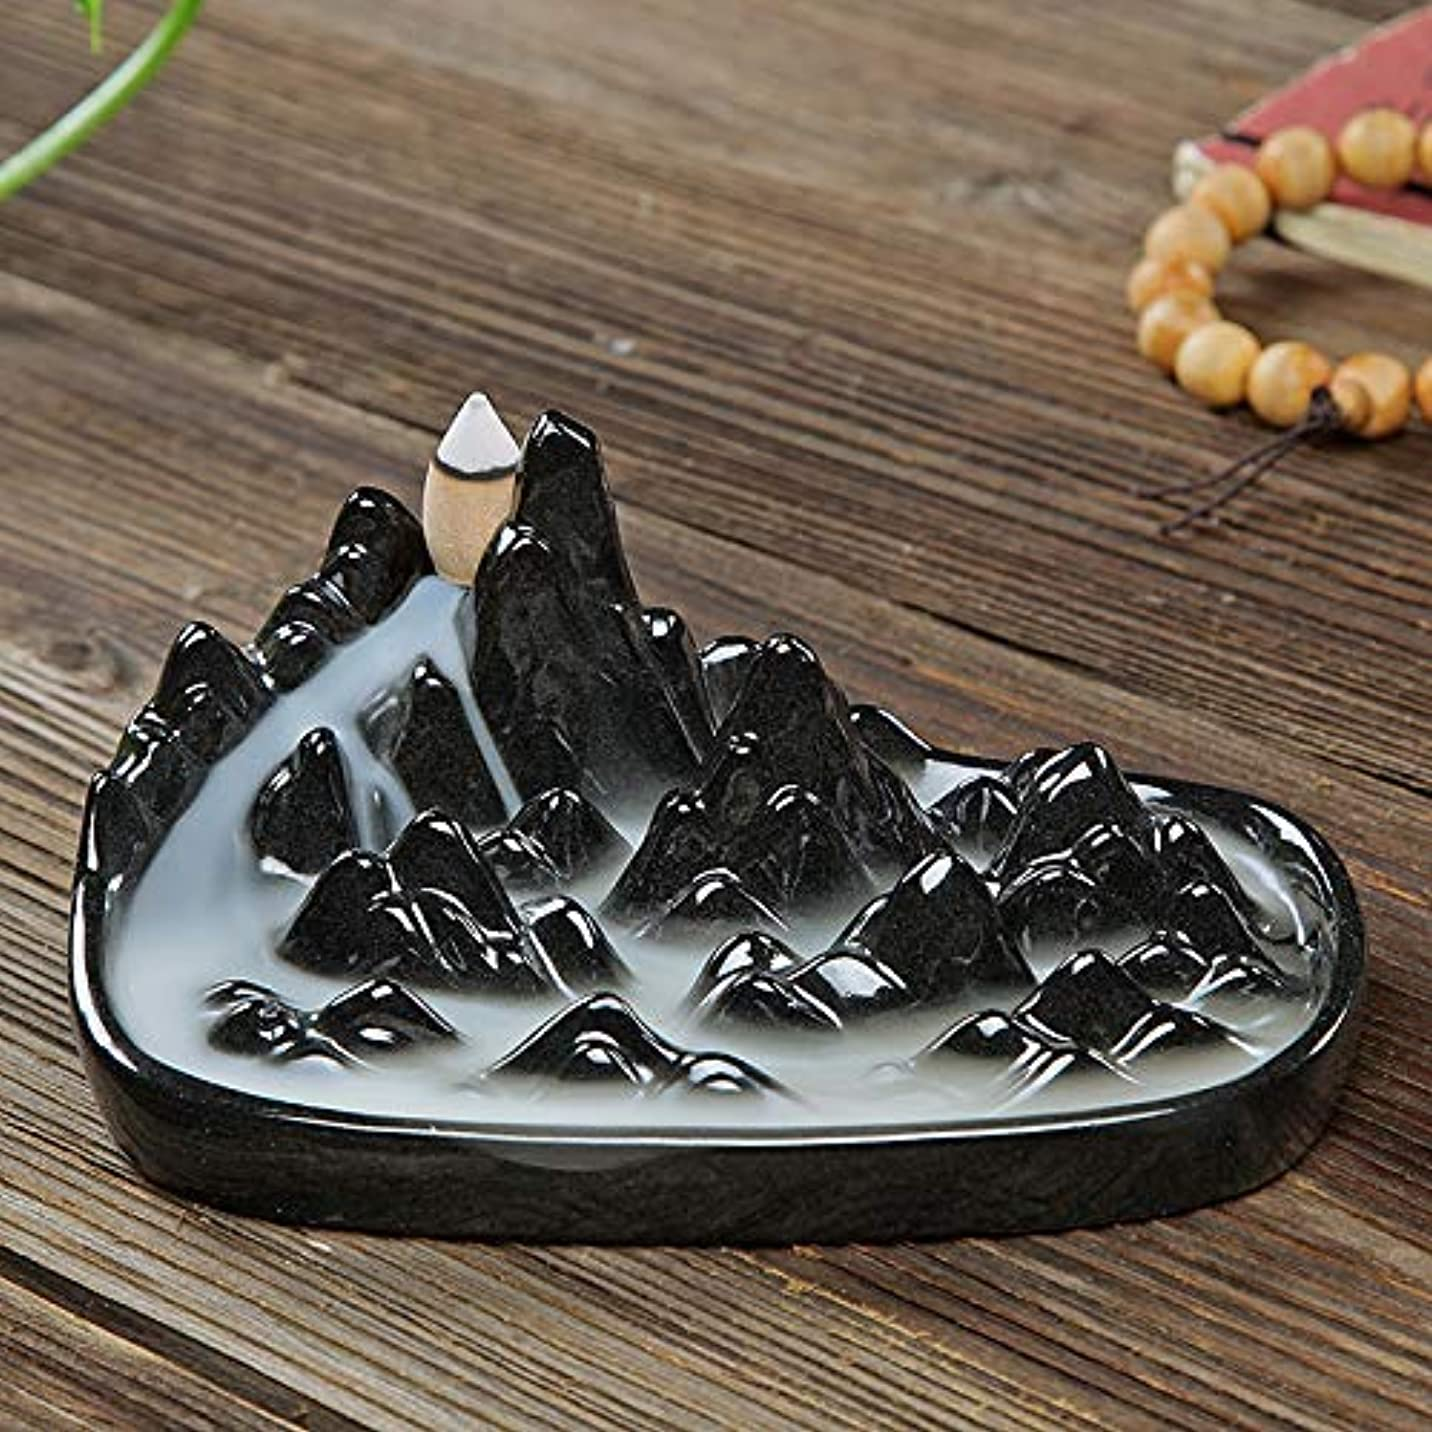 適応する風攻撃的PHILOGOD 逆流香炉 手作り山川風景モデリング香立て 香皿/香置物 (black)